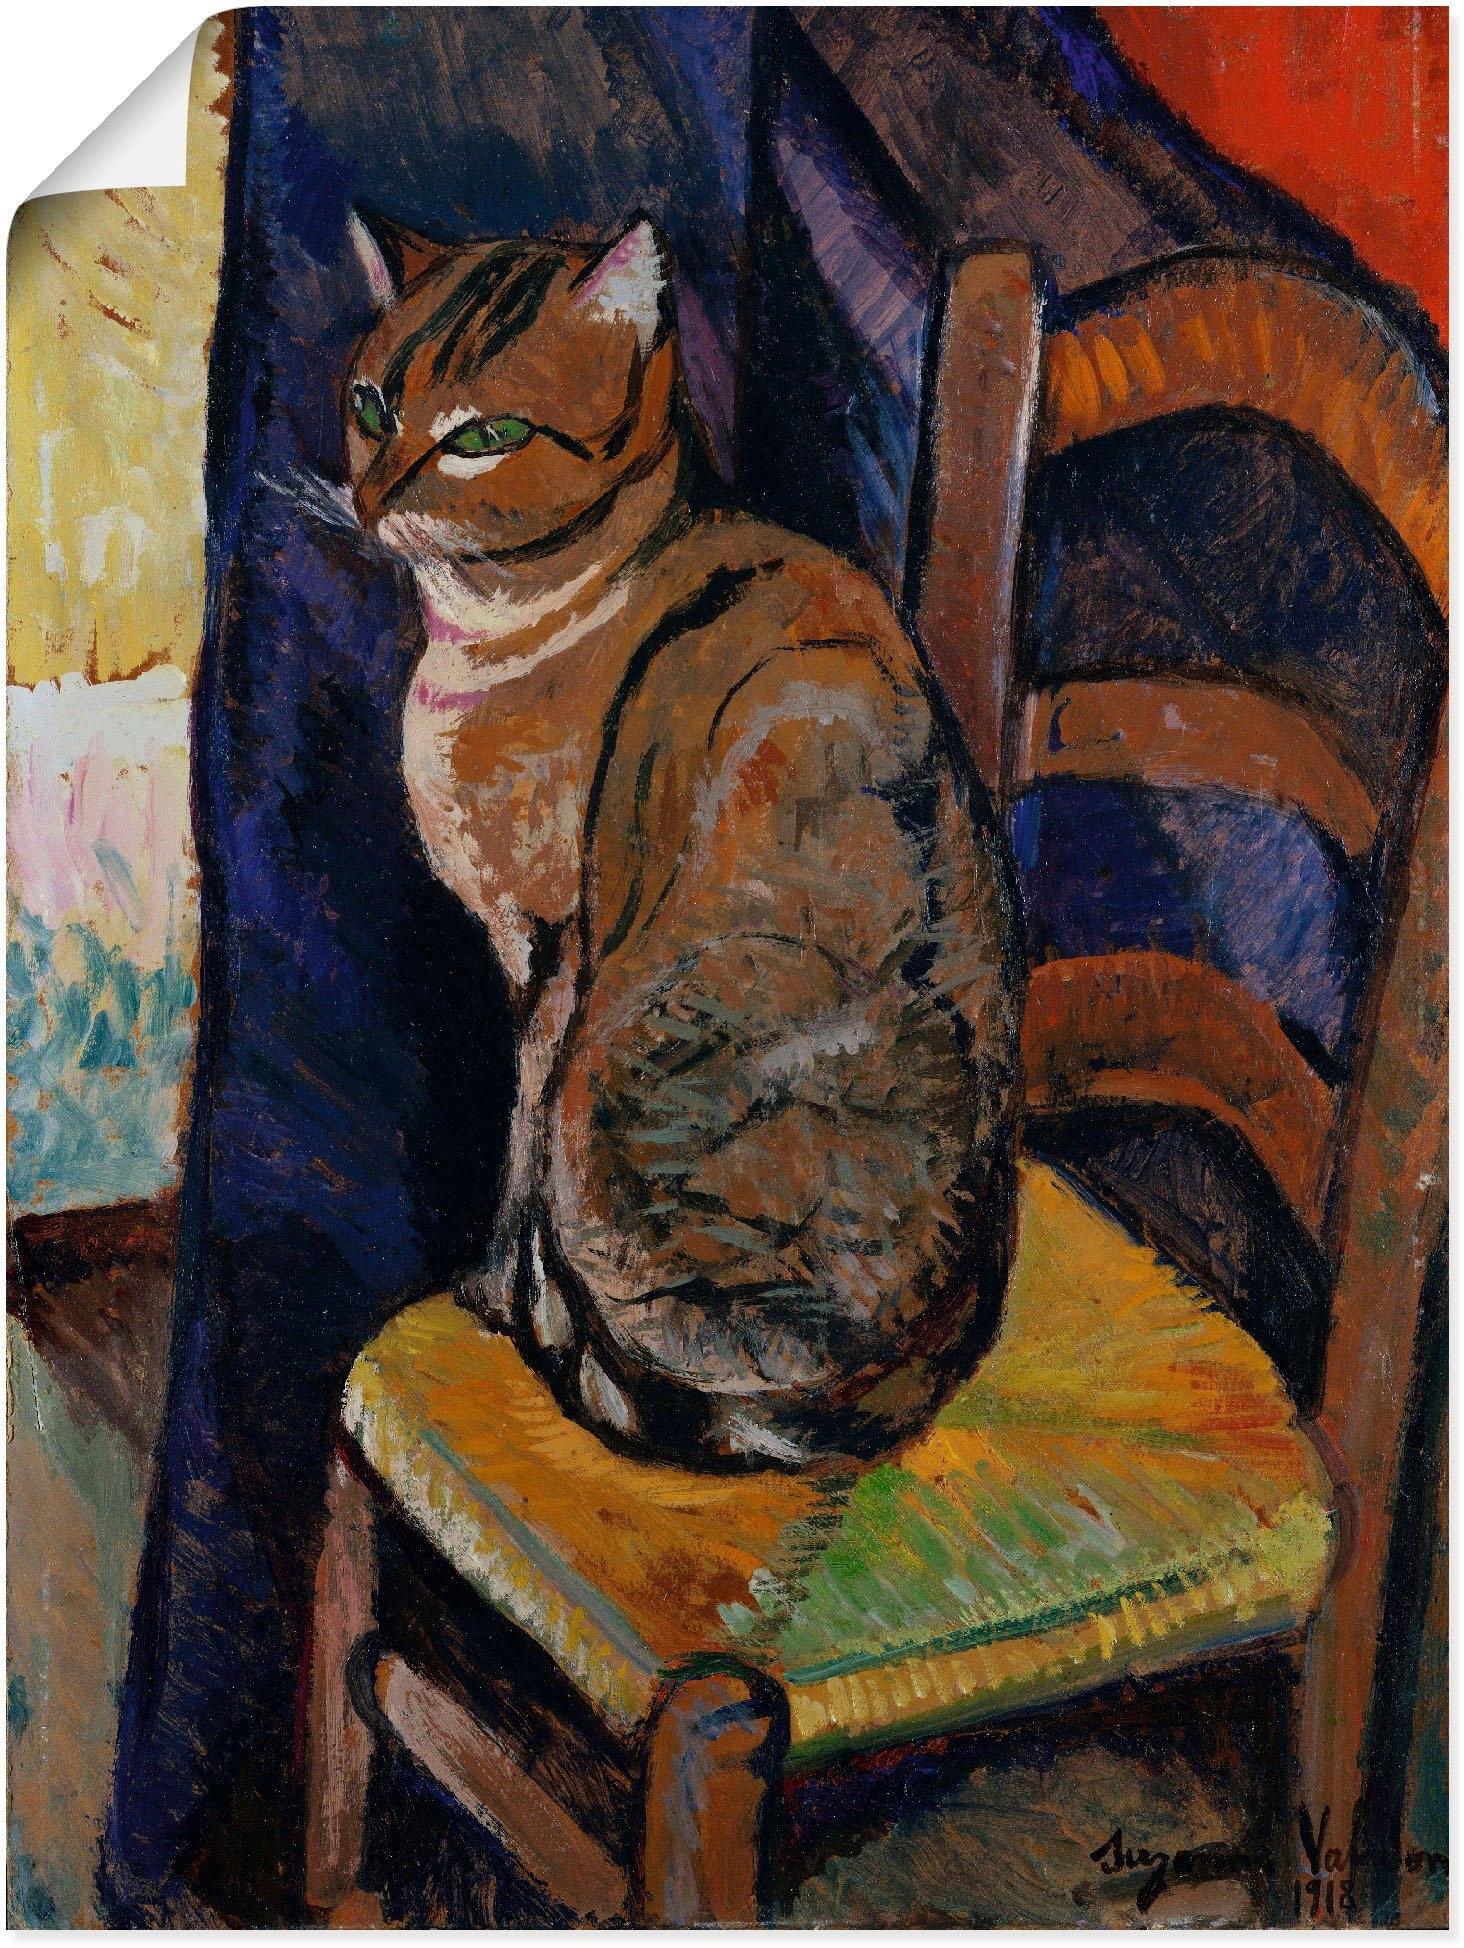 Artland artprint »Skizze Stuhl sitzende Katze.« goedkoop op otto.nl kopen